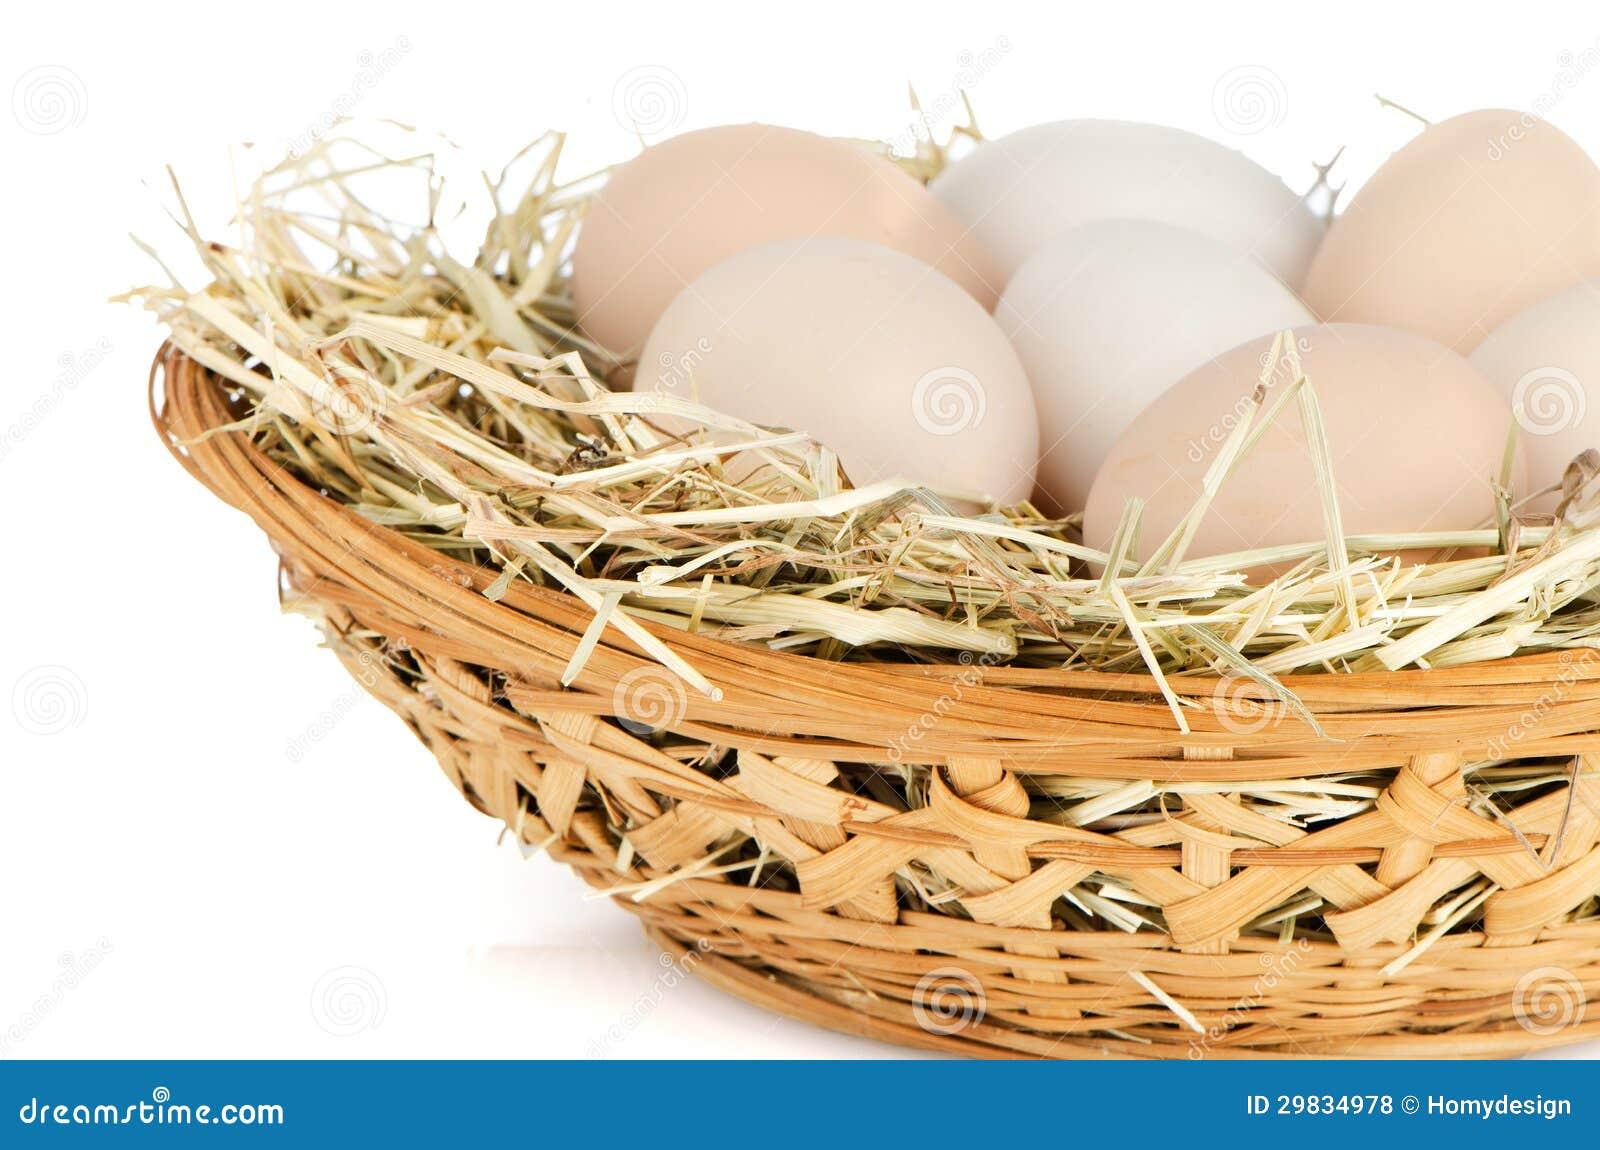 Eggs o close up